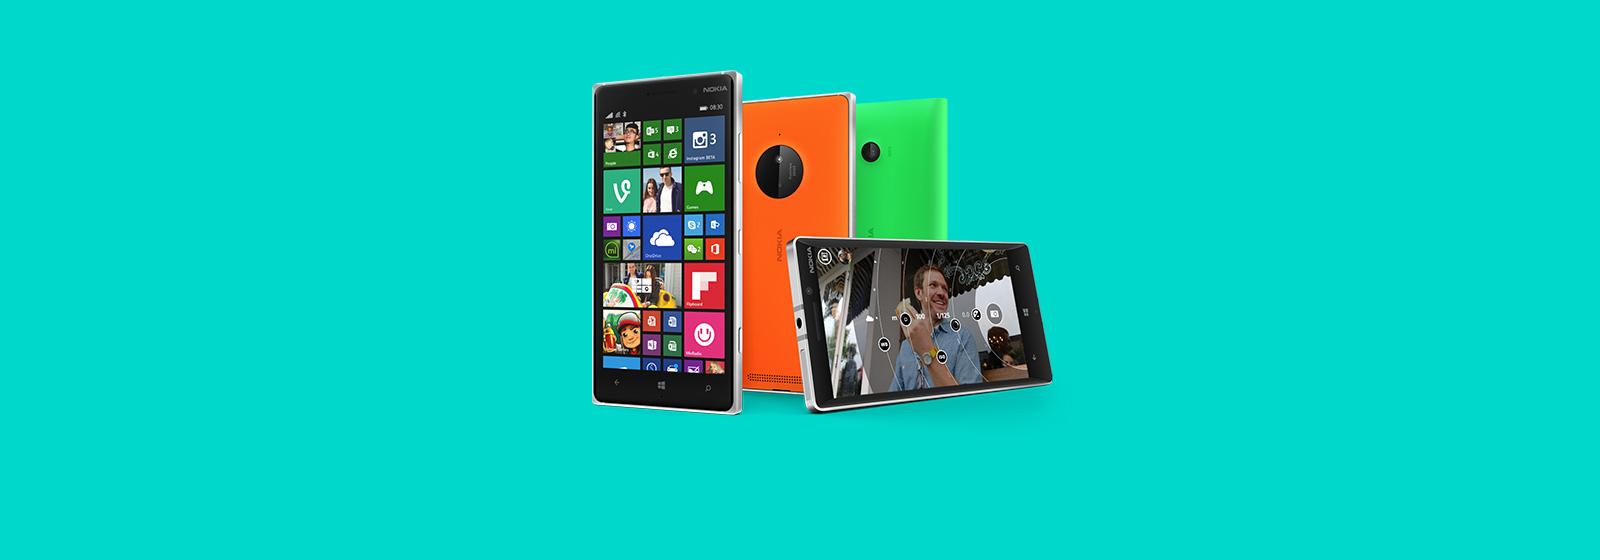 Uradite više pomoću svog pametnog telefona. Saznajte više o Lumia uređajima.